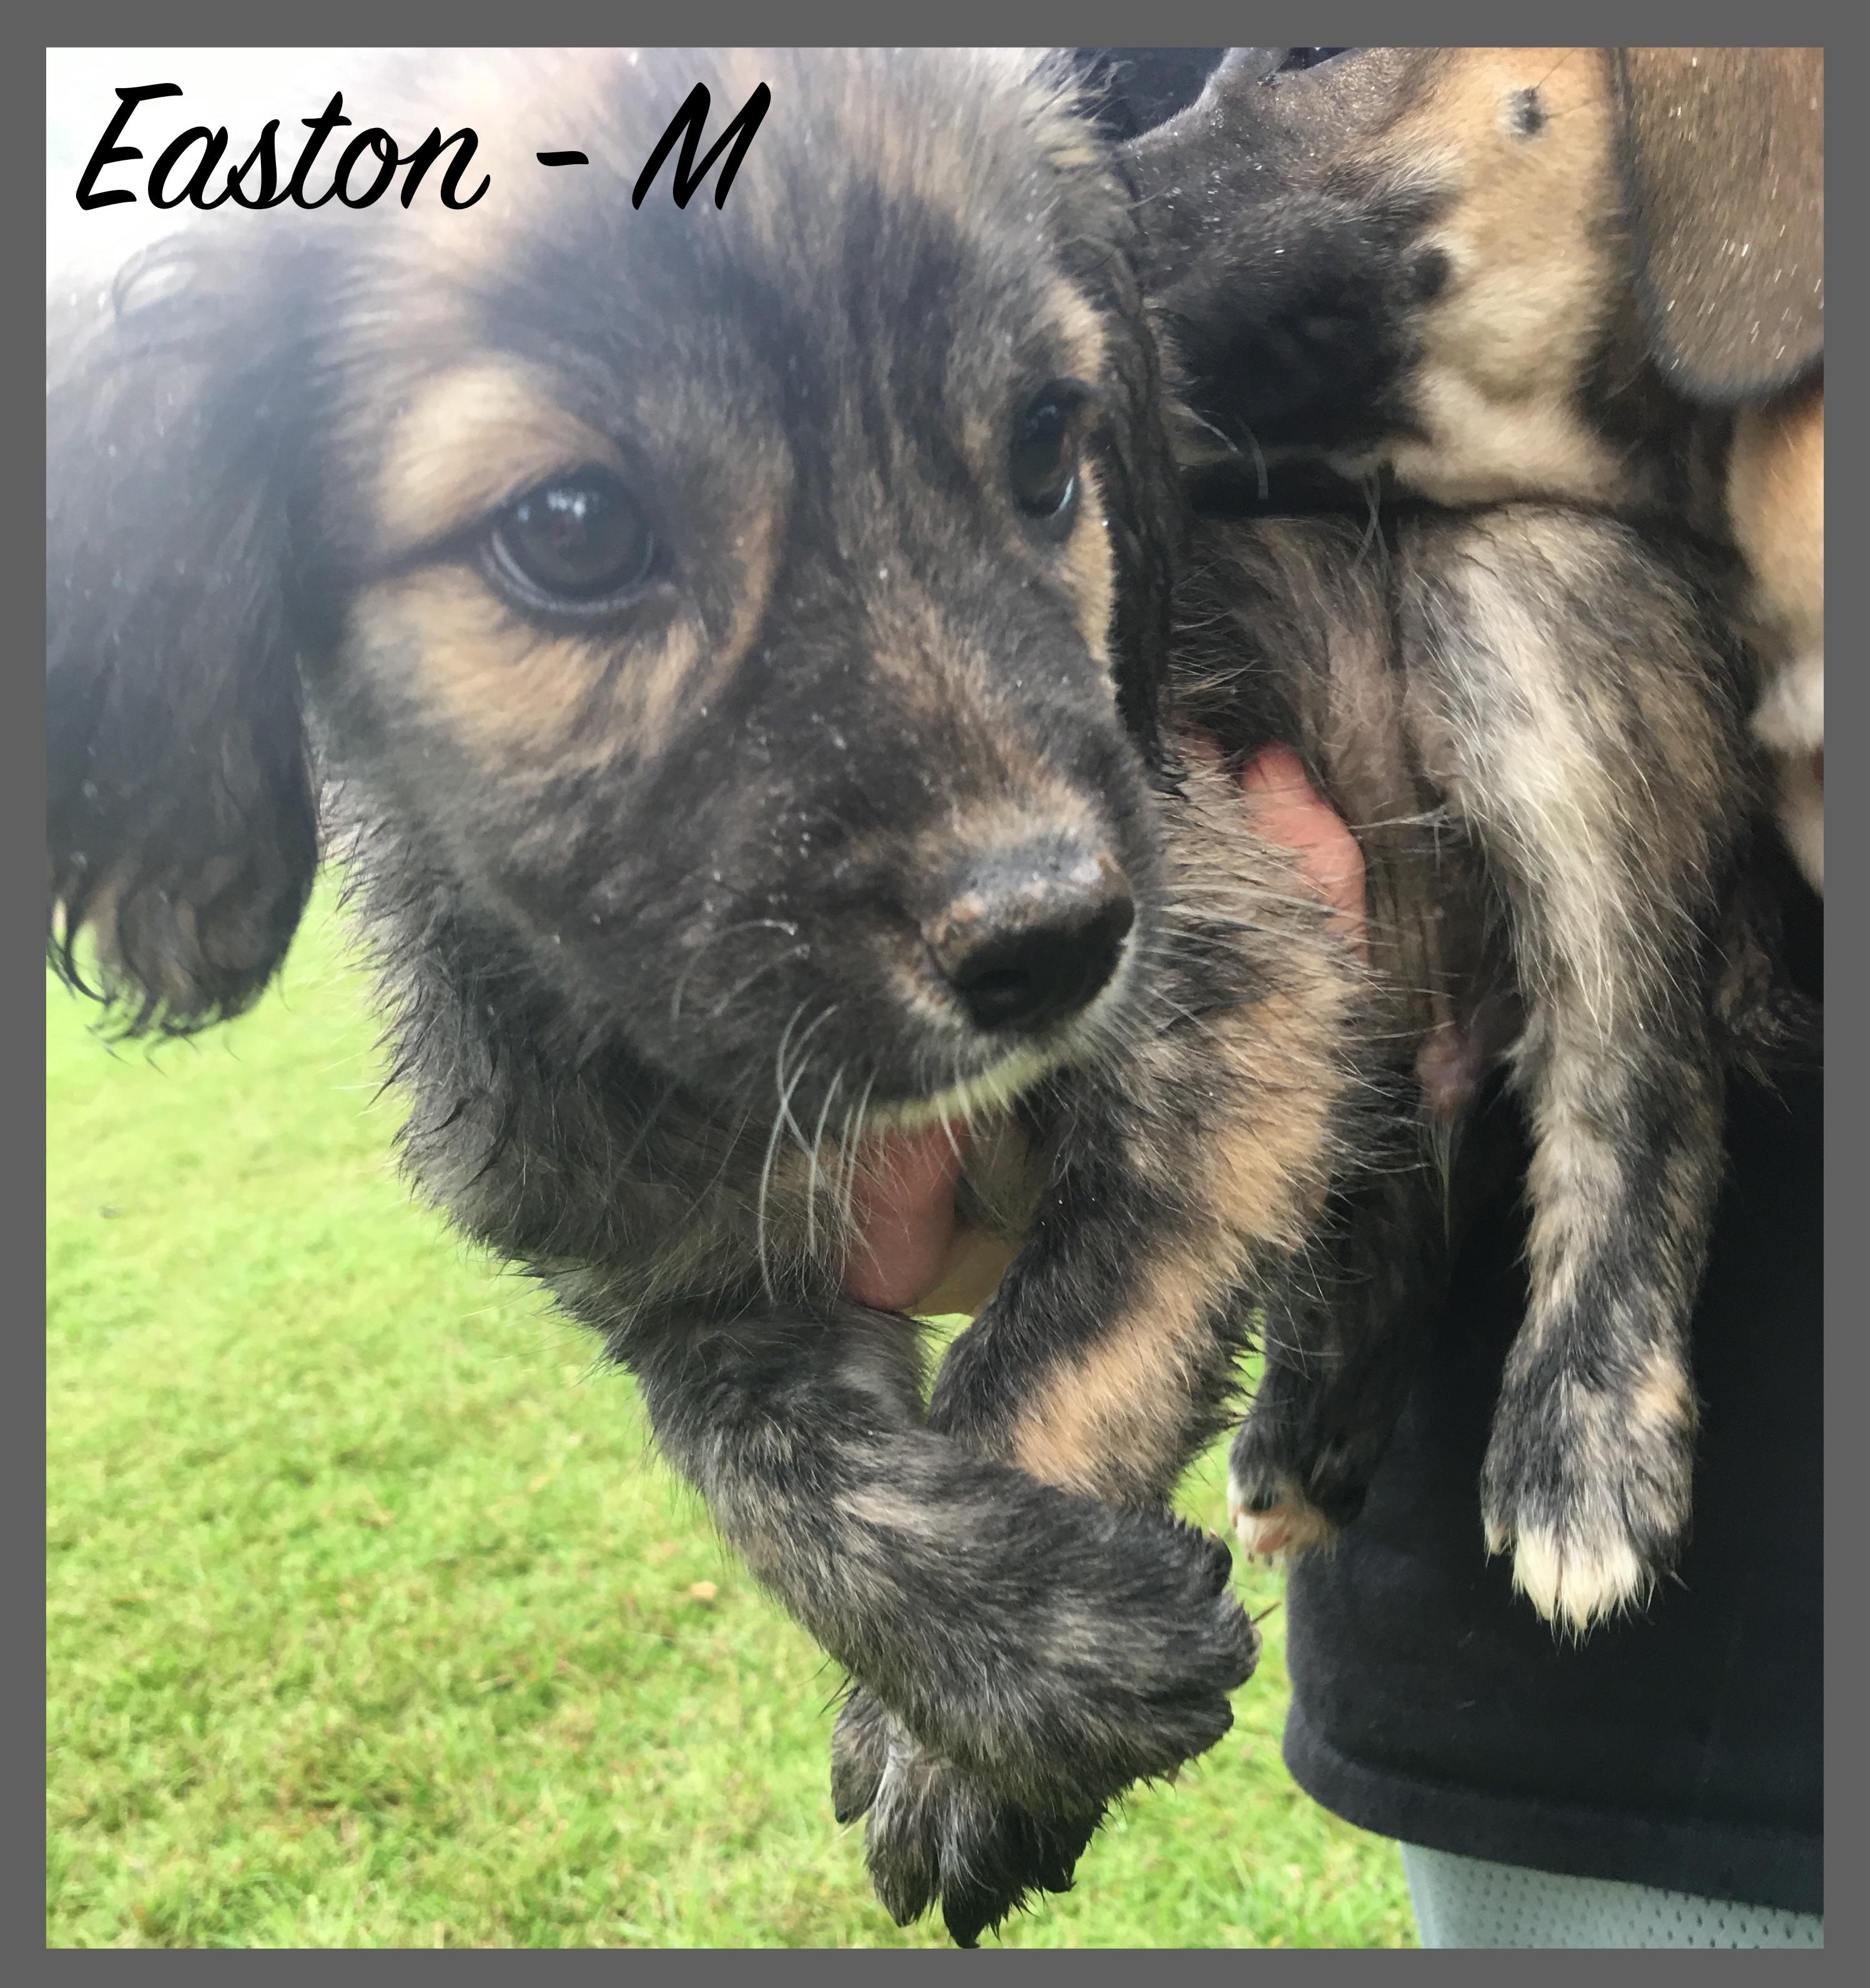 Easton -M